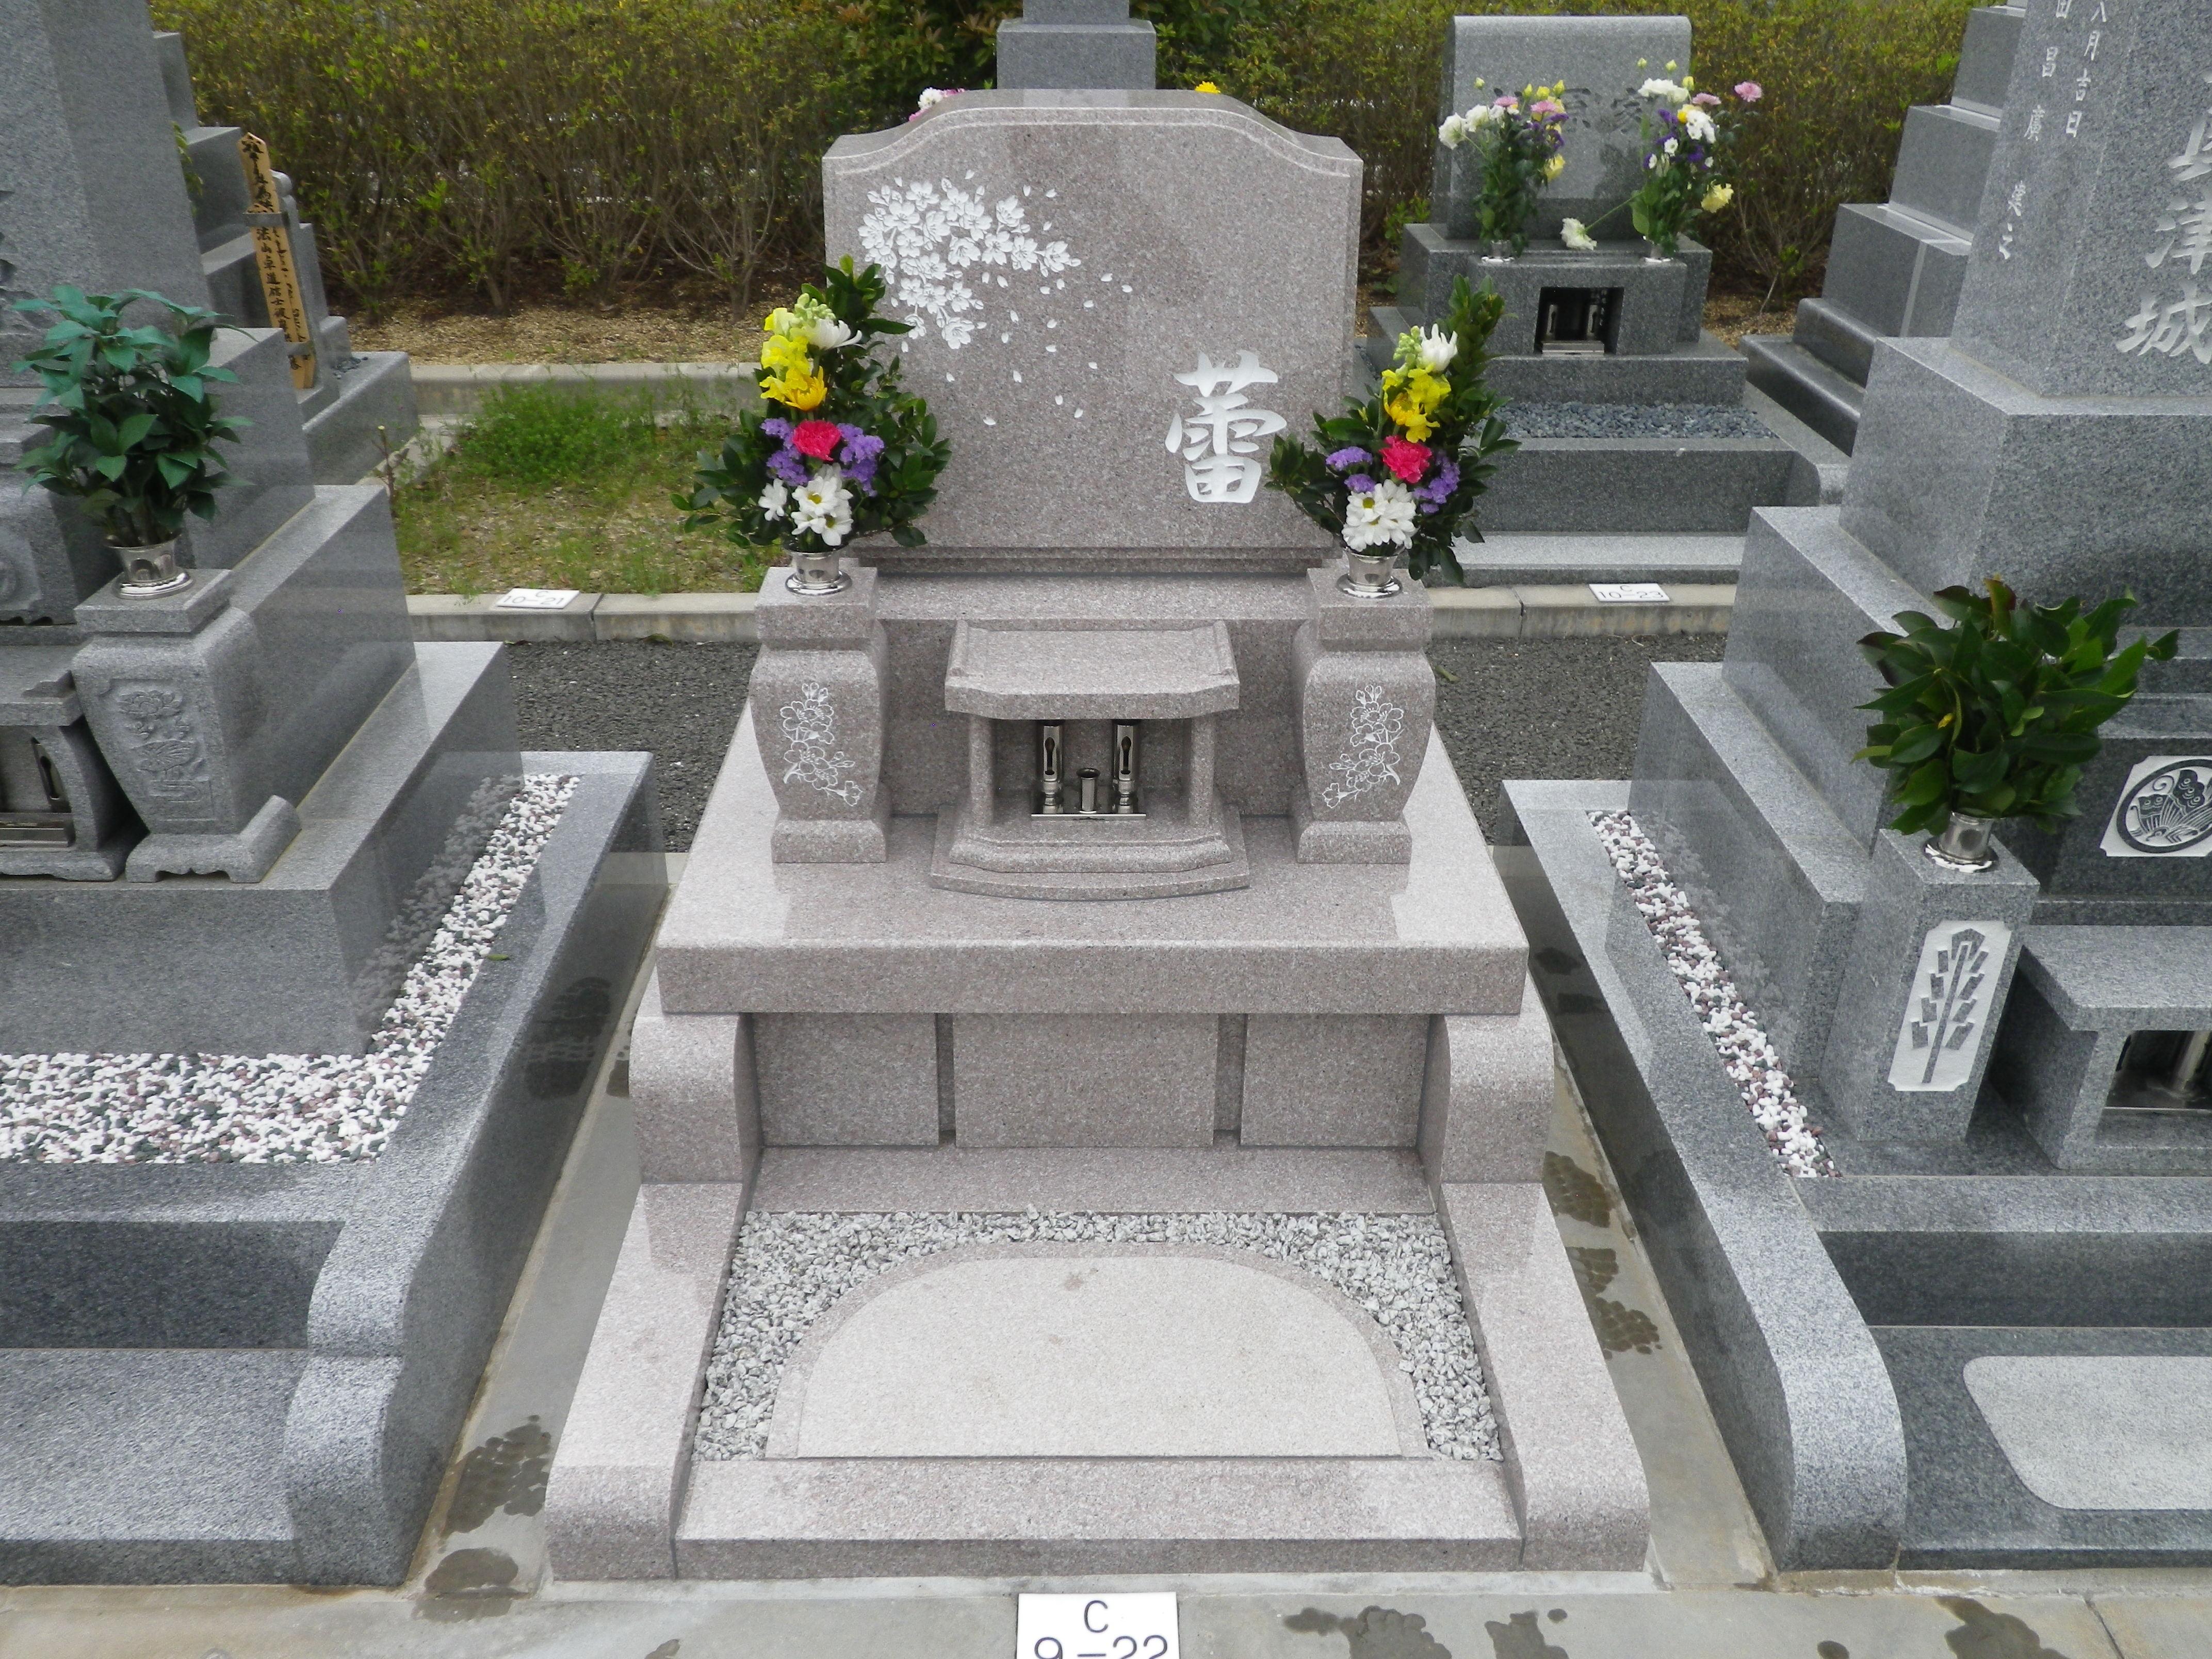 201504 ○豊川市 御油第二墓園(C-9-22) 中国産 G663 洋型 大藪都様